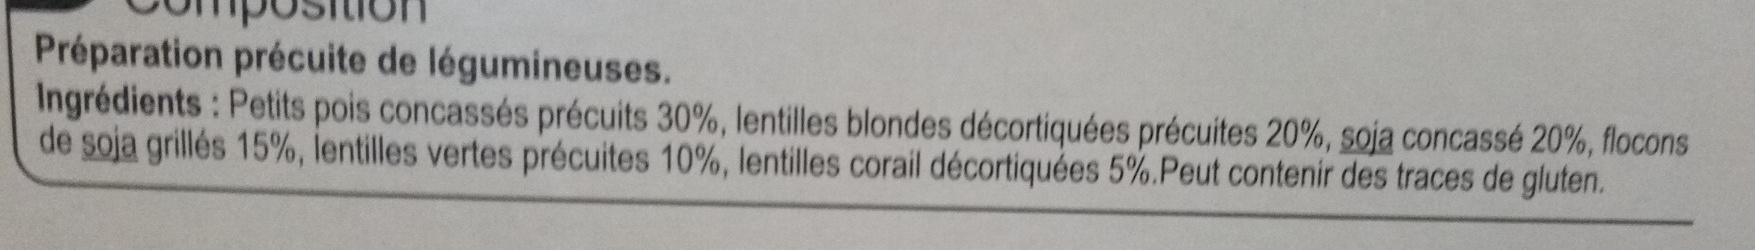 Nos Mélanges Gourmands Violet - Ingredients